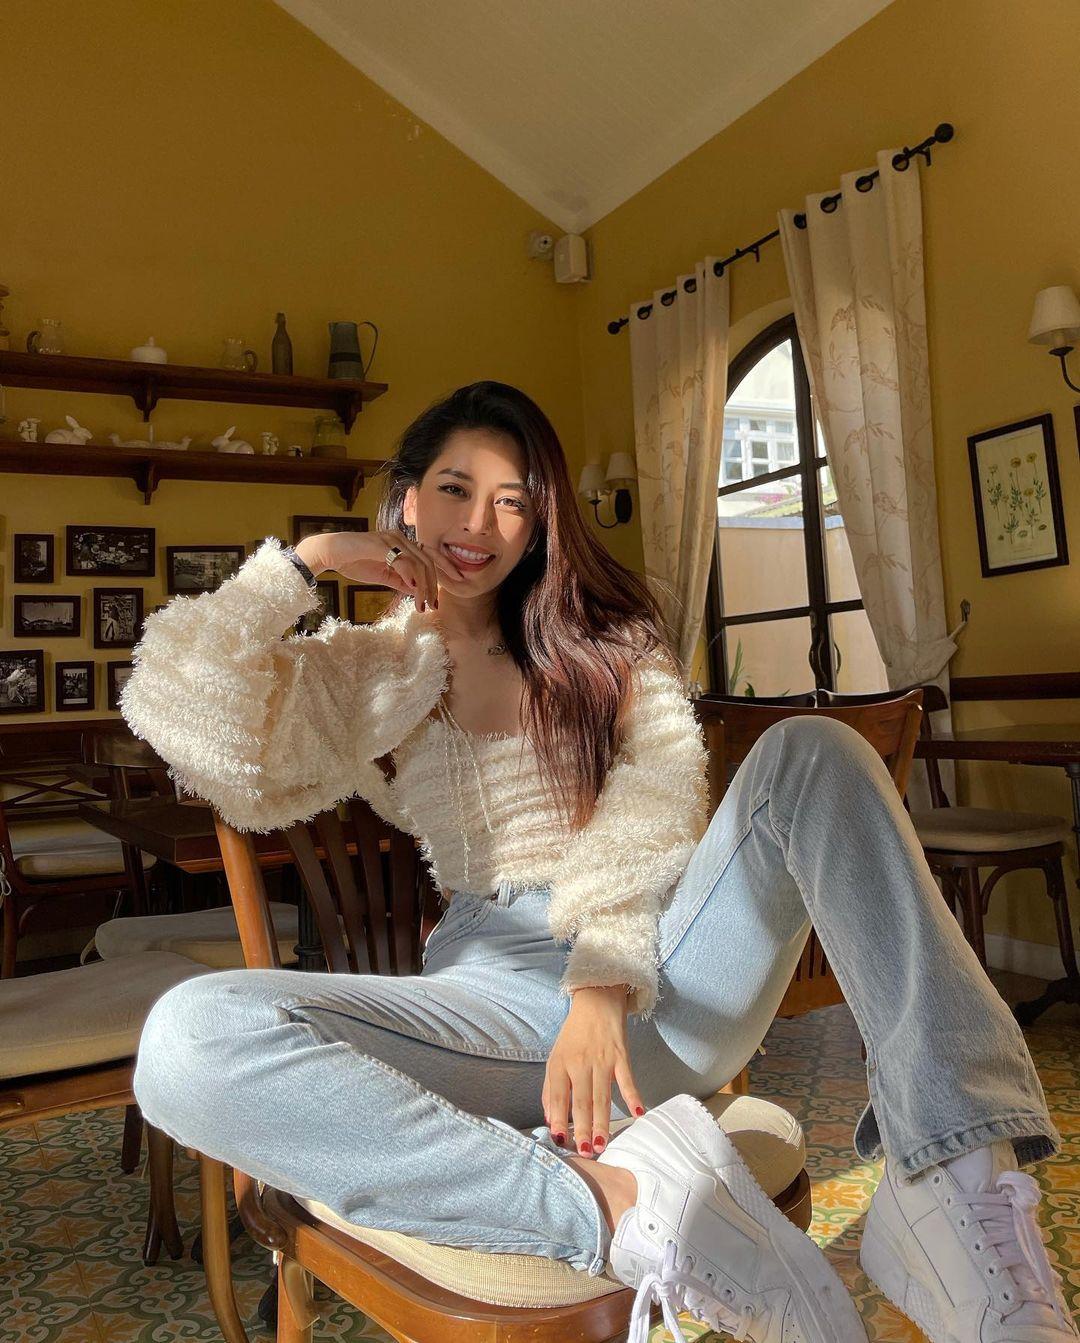 Diện áo theo cặp là xu hướng được Chi Pu đặc biệt yêu thích gần đây. Nữ ca sĩ sắm nhiều mẫu cardigan với đủ chất liệu khác nhau, phối với áo hai dây hoặc ba lỗ theo set.